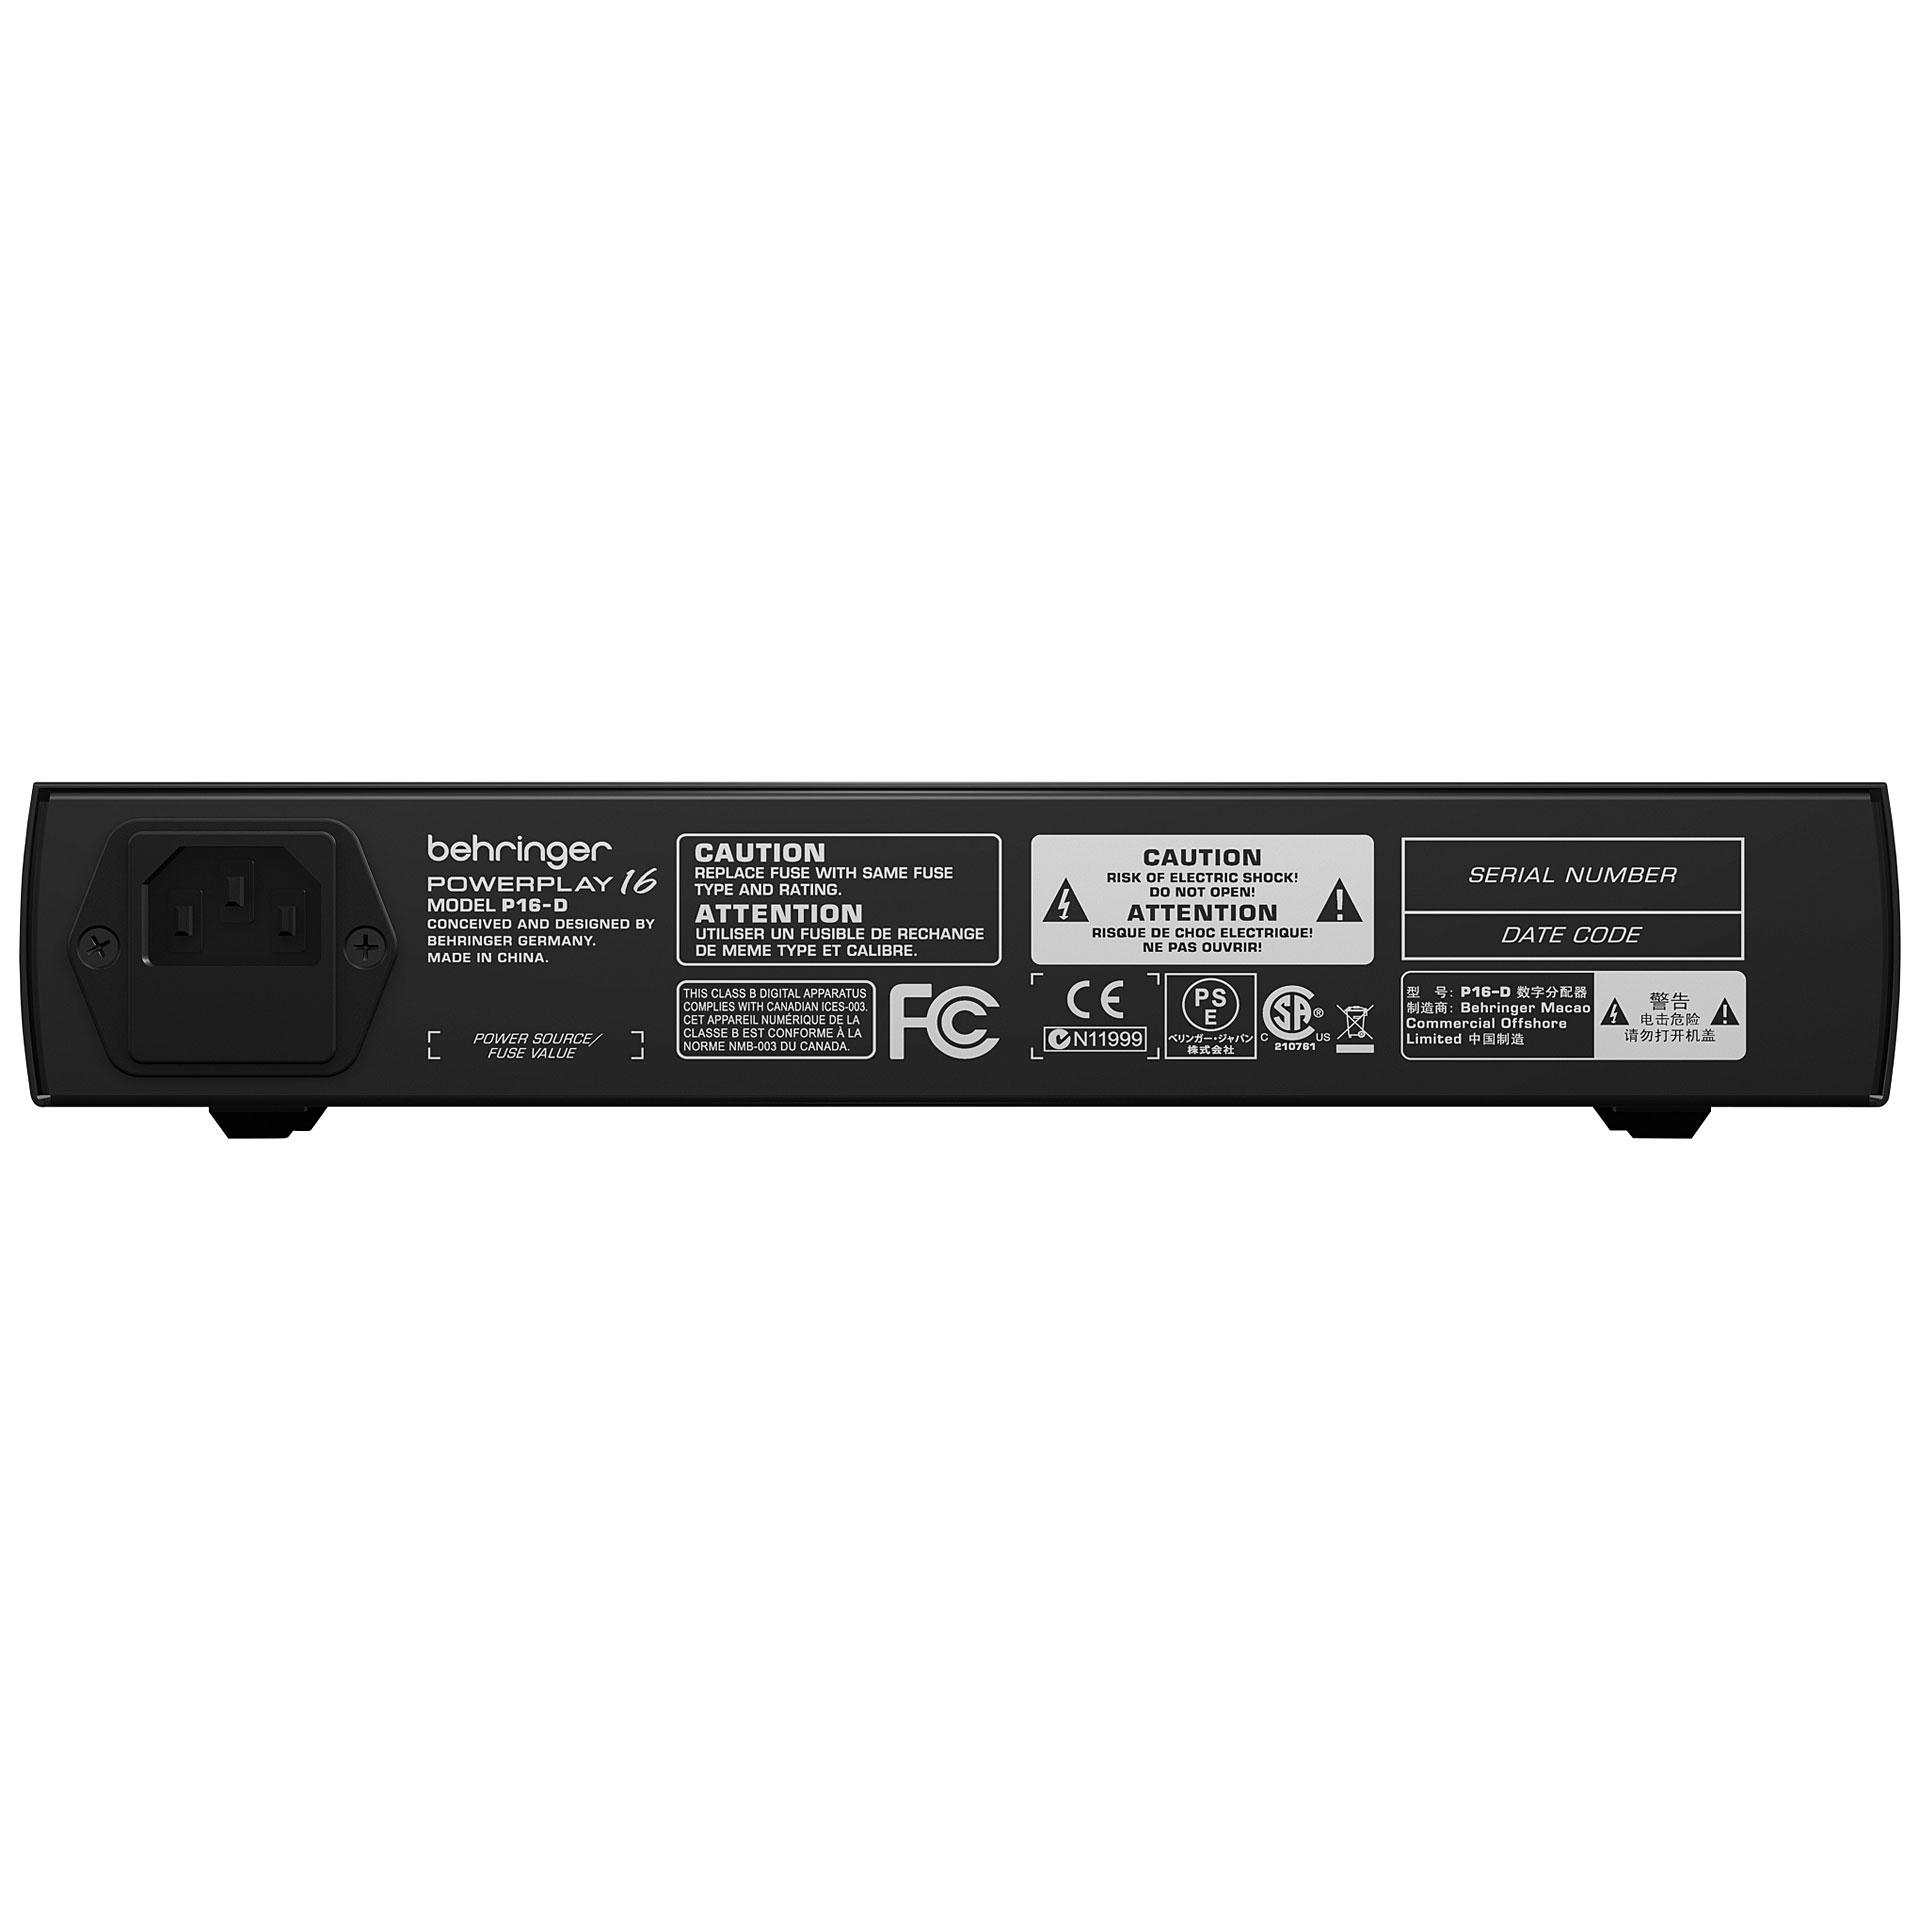 behringer powerplay p16 d ultranet digital mixer